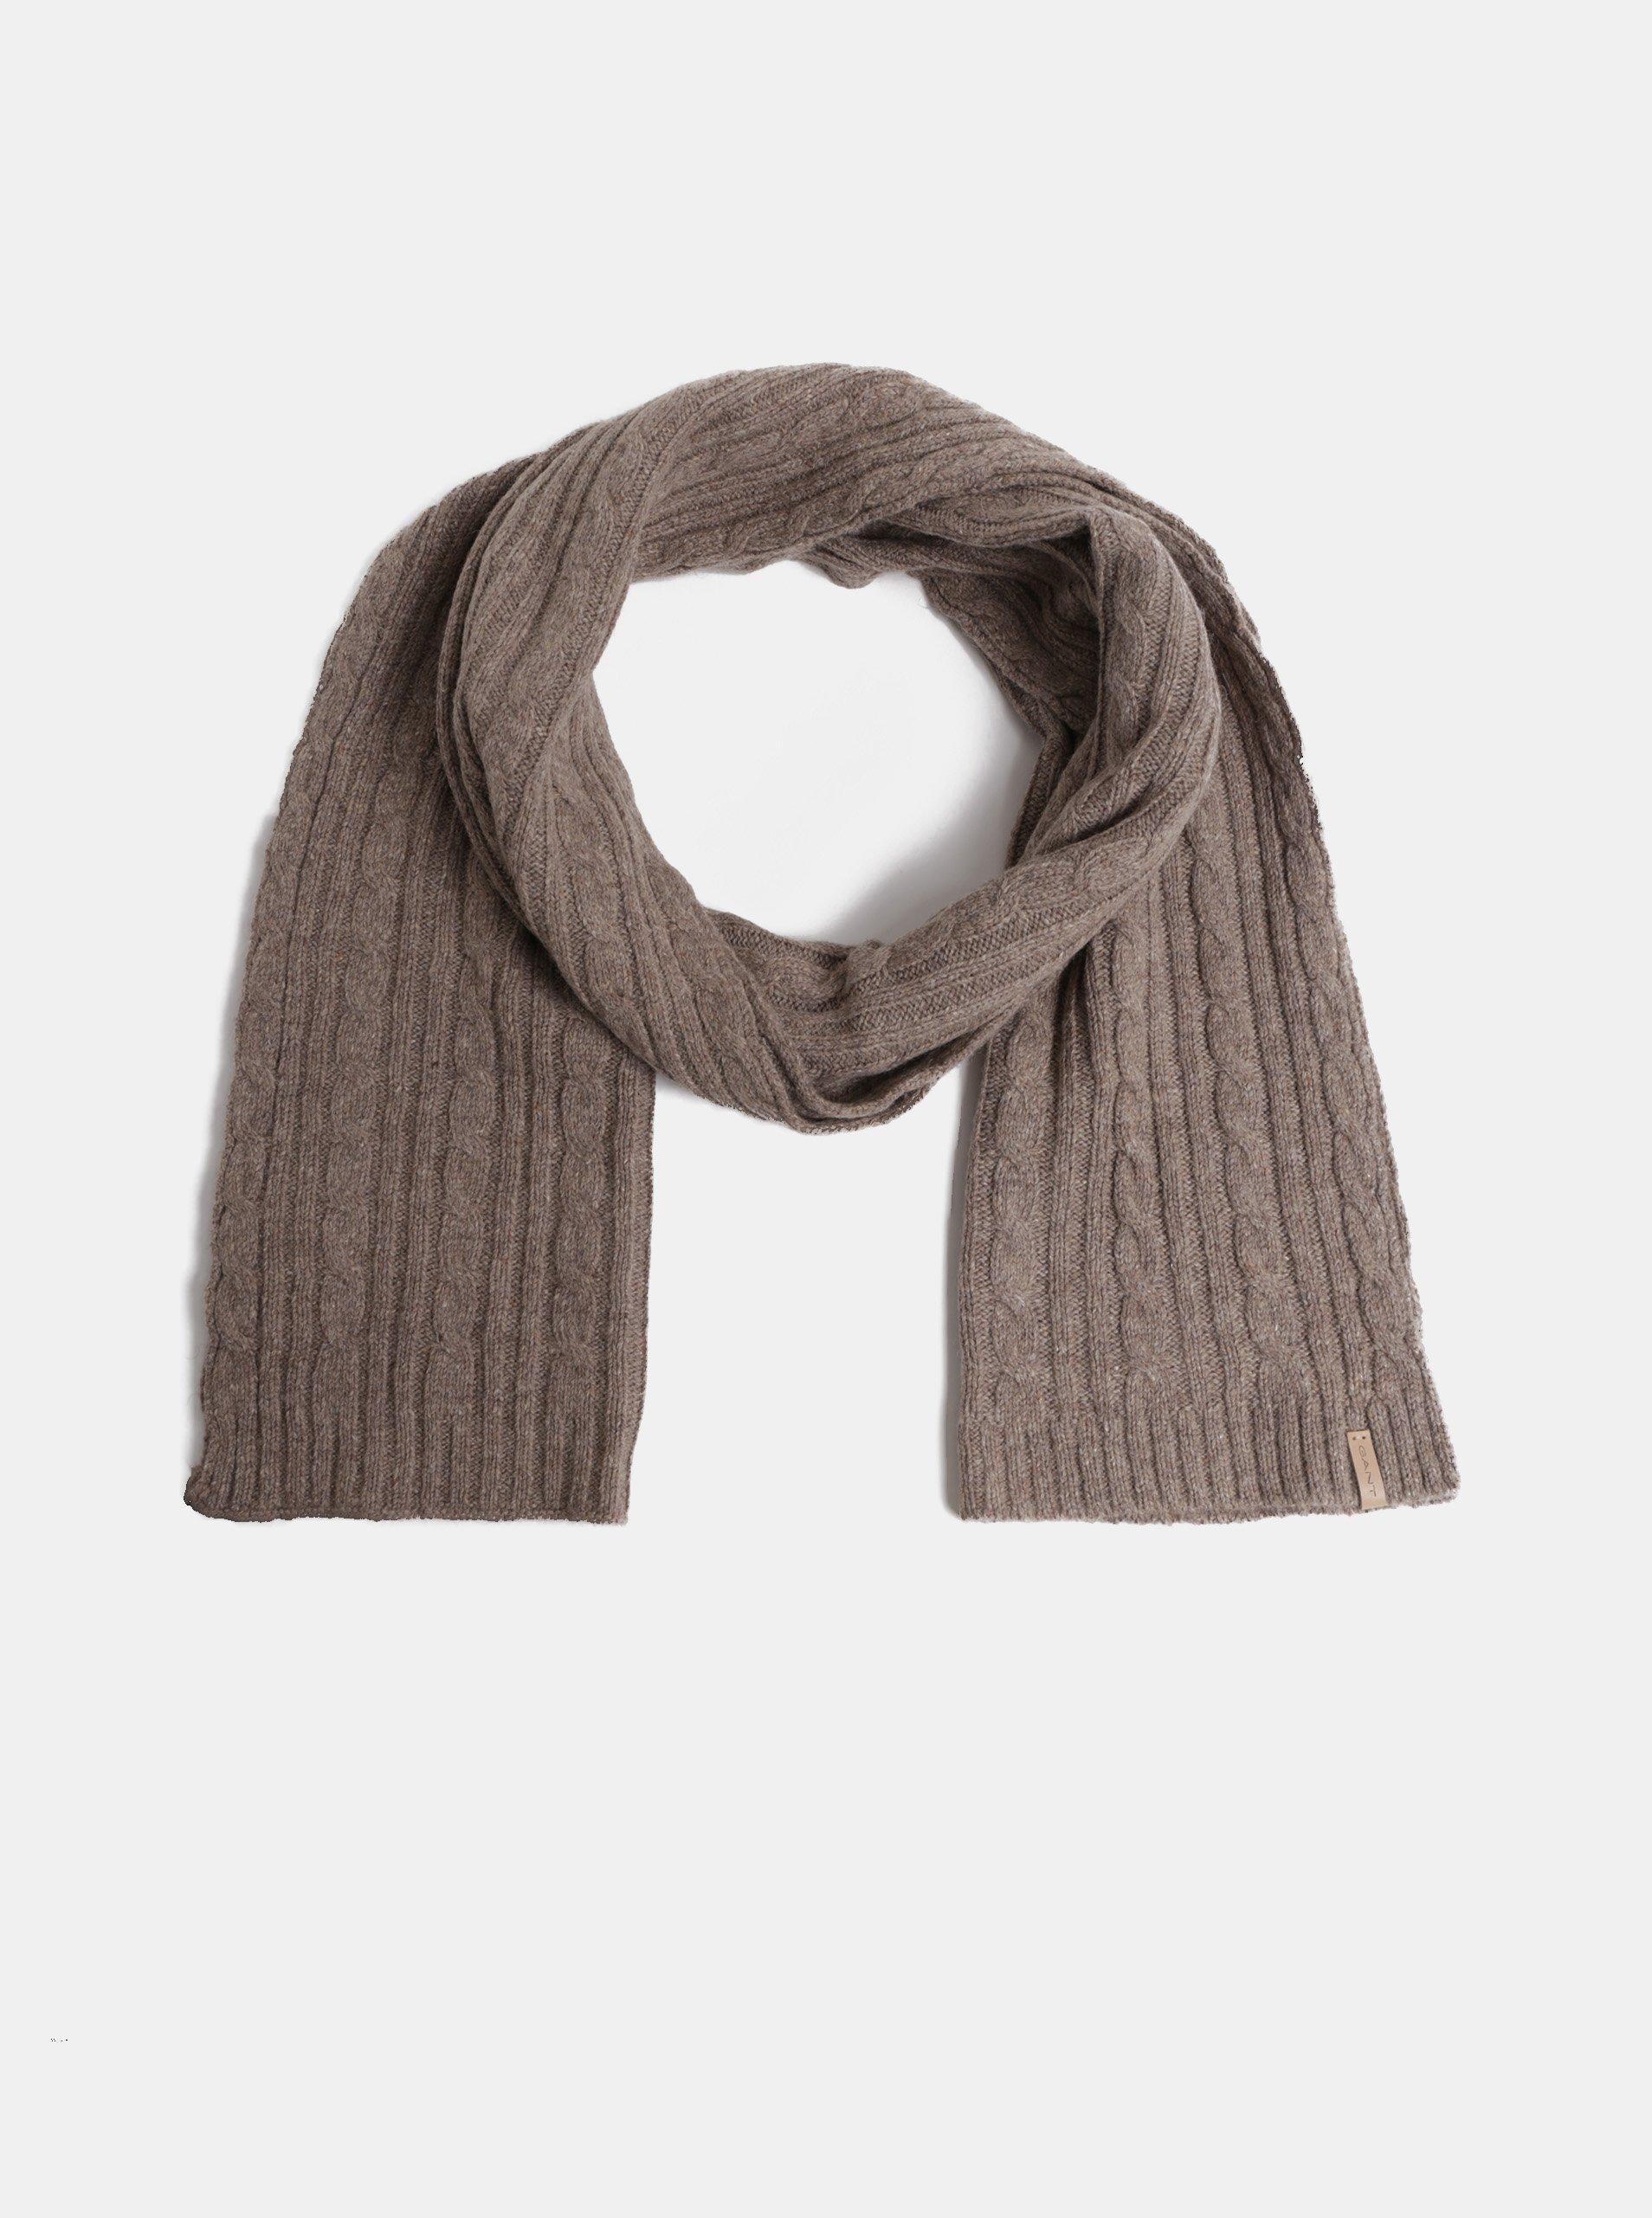 Hnědá dámská pletená šála s příměsí vlny GANT 51133ce818